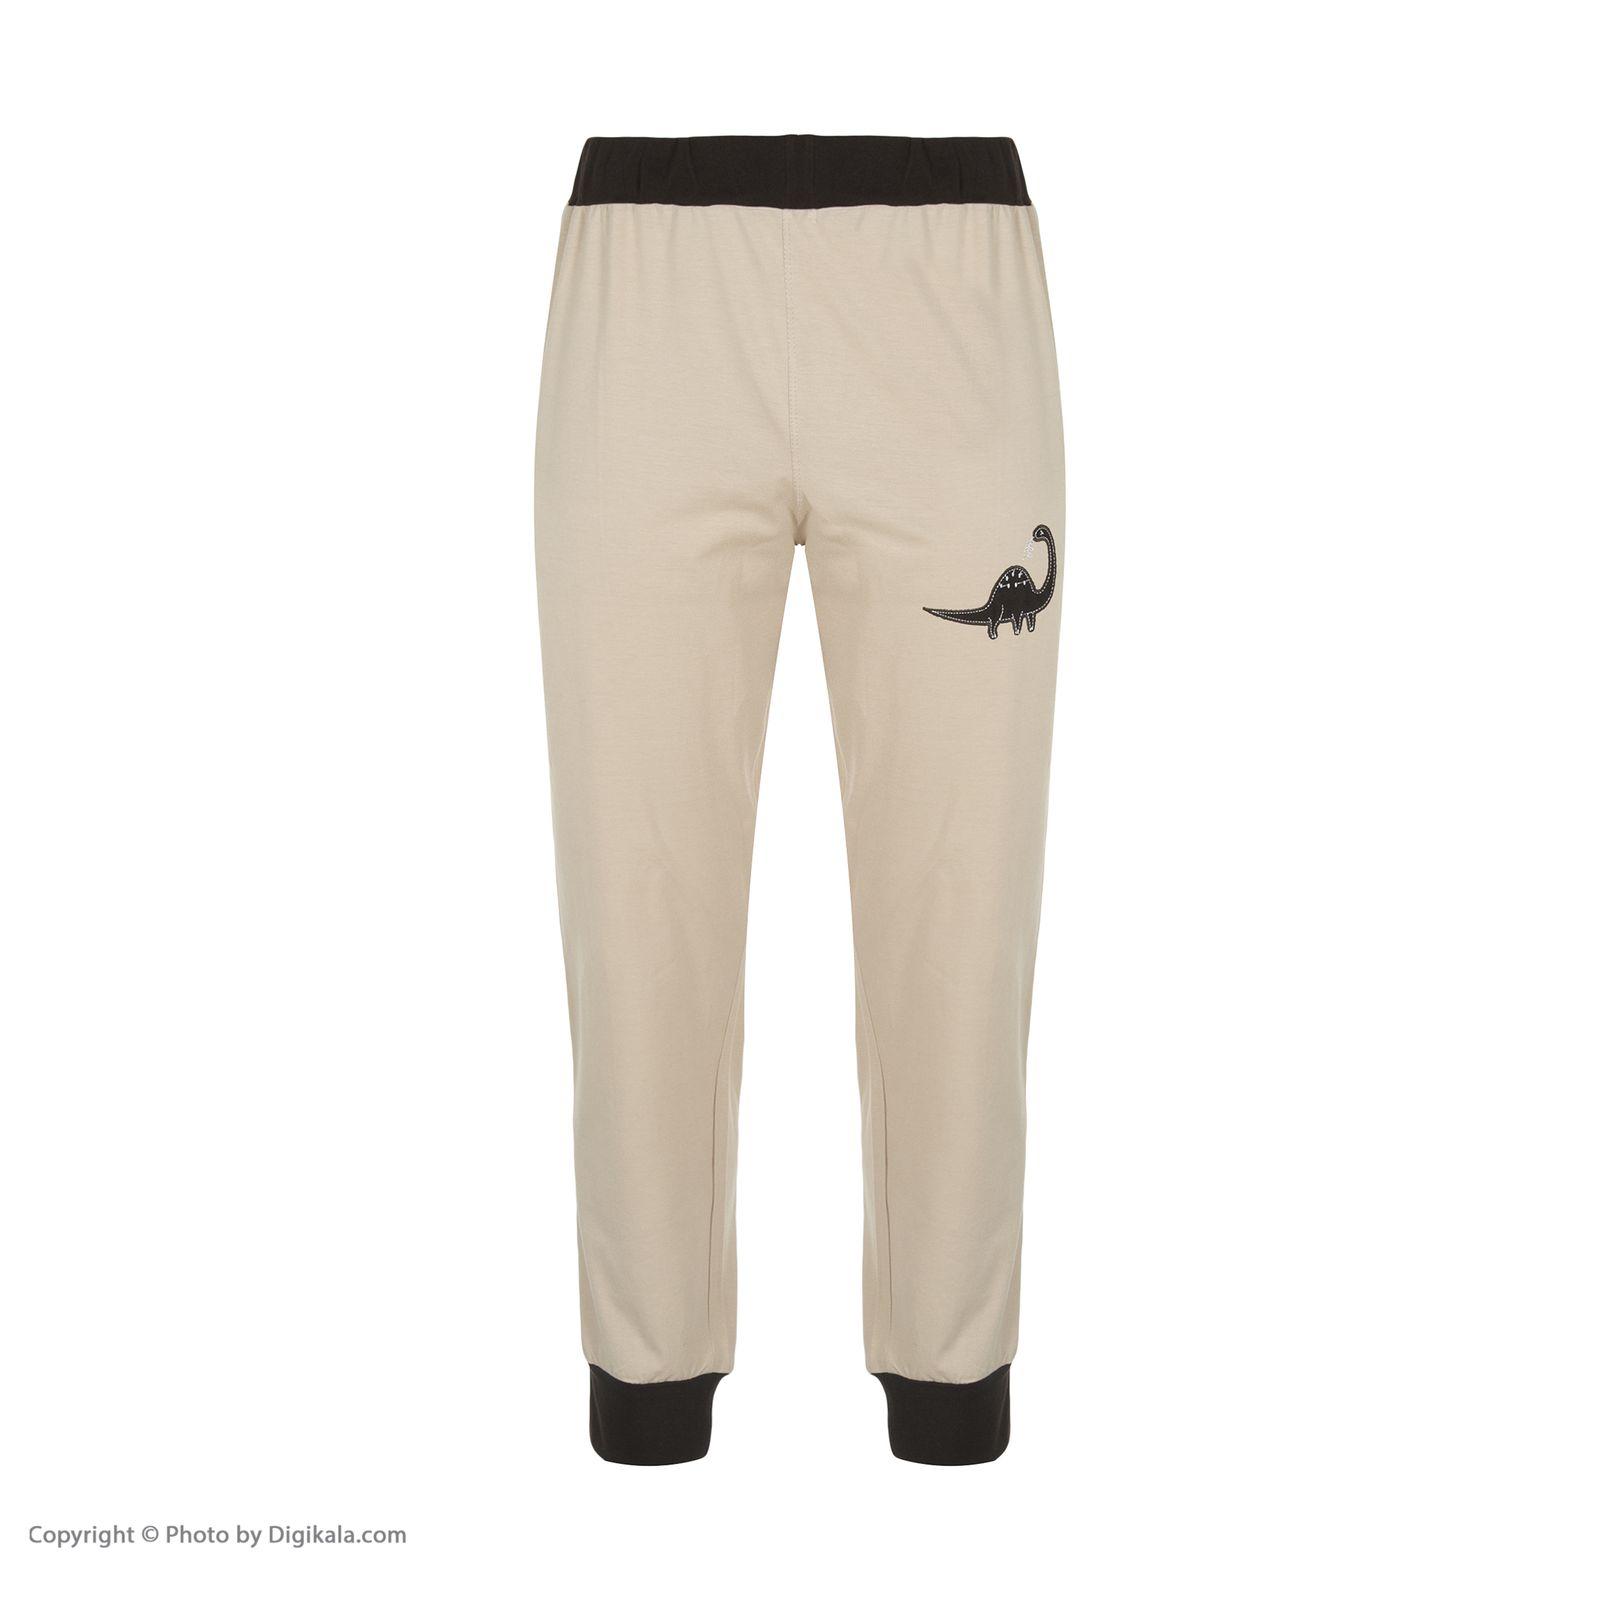 ست تی شرت و شلوارک راحتی مردانه مادر مدل 2041106-07 -  - 7